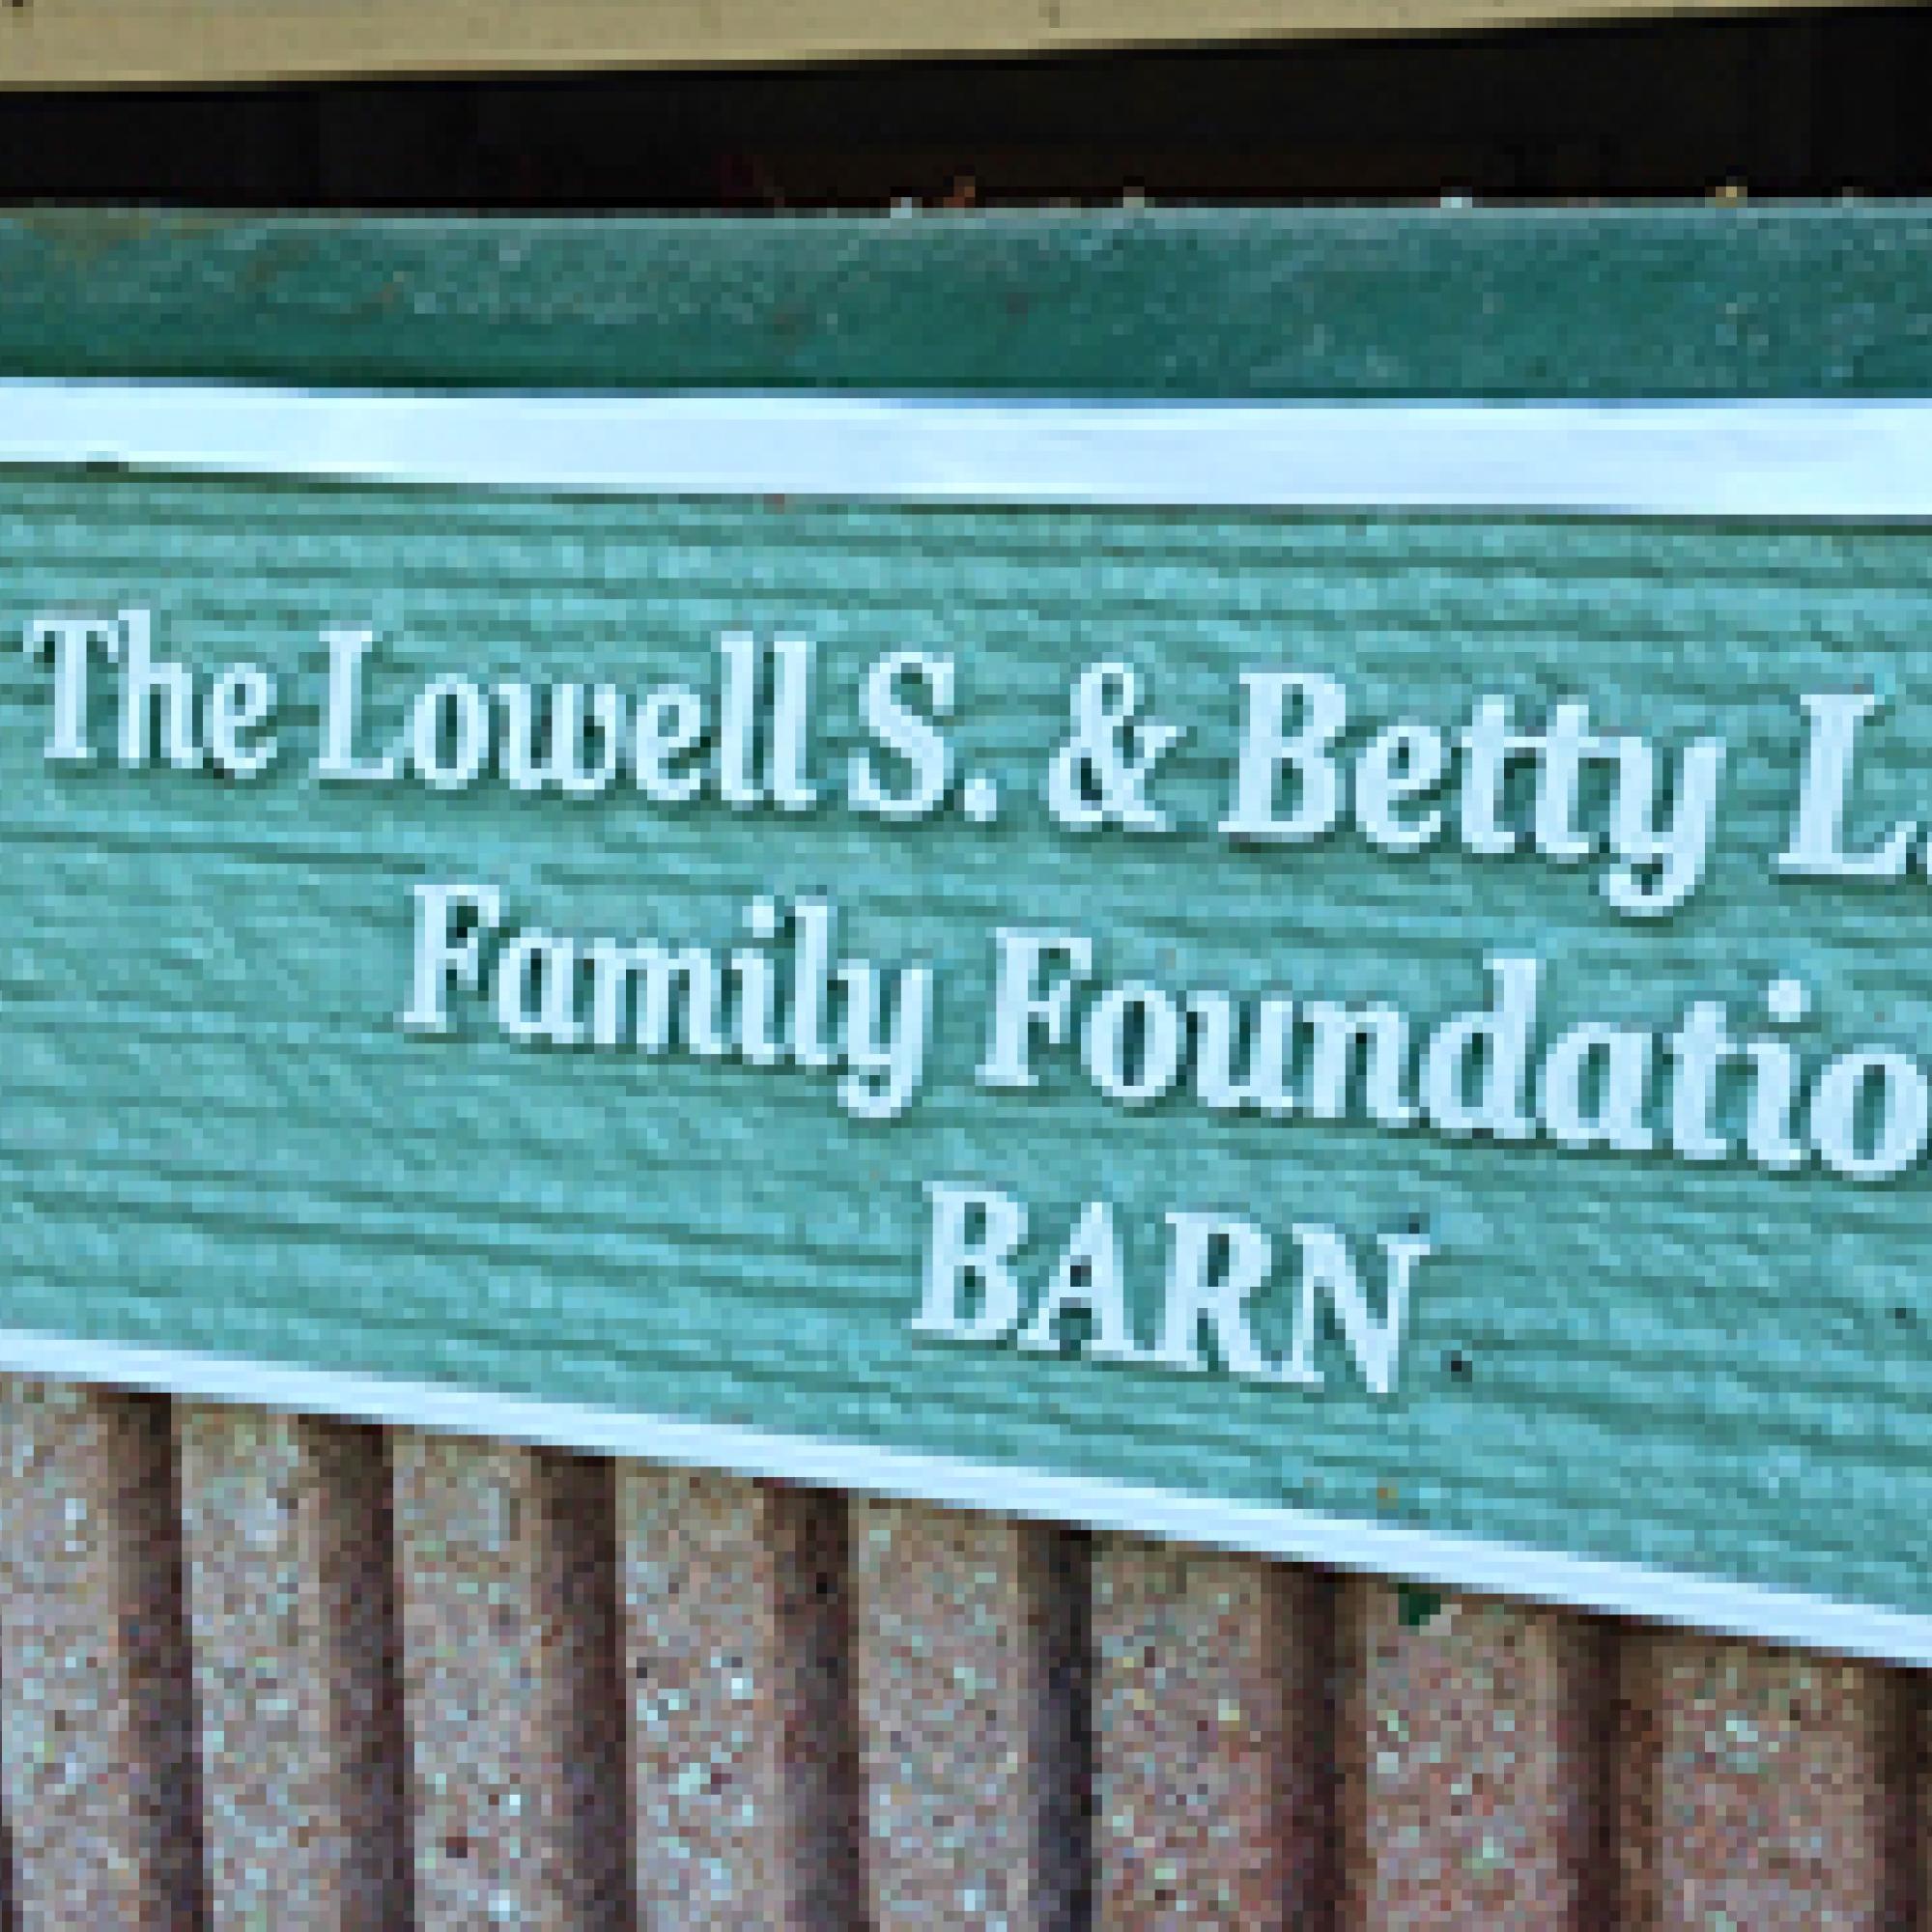 The Dunn Family Foundation